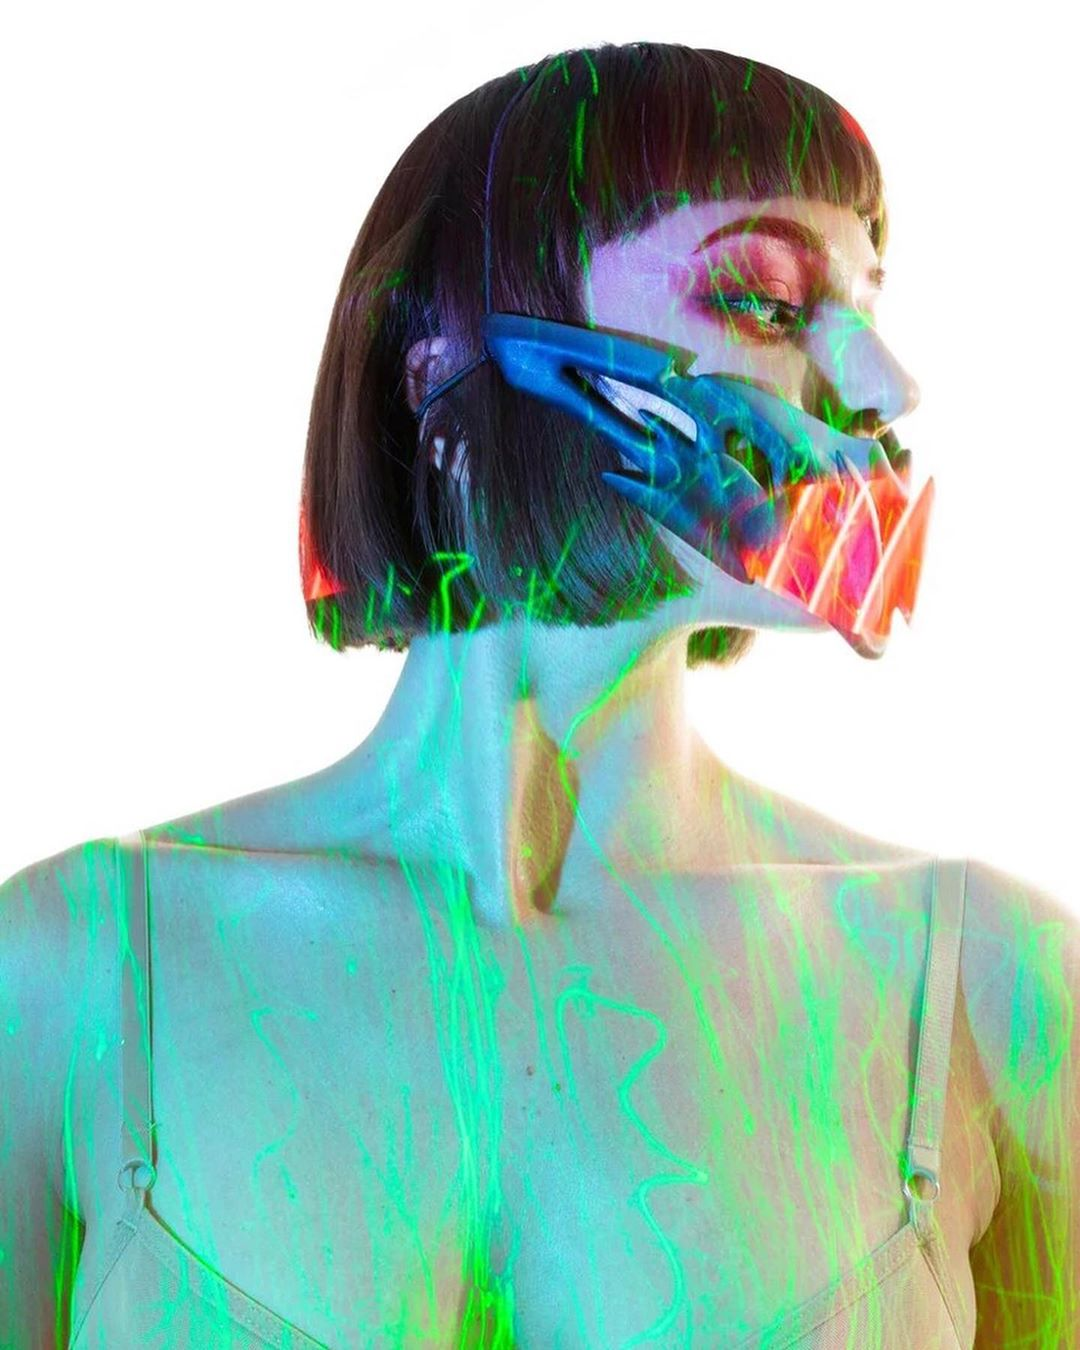 Conoce a Nikita Replyanski, el cyber designer que crea interfaces neurales, prótesis y filtros de AR futuristas